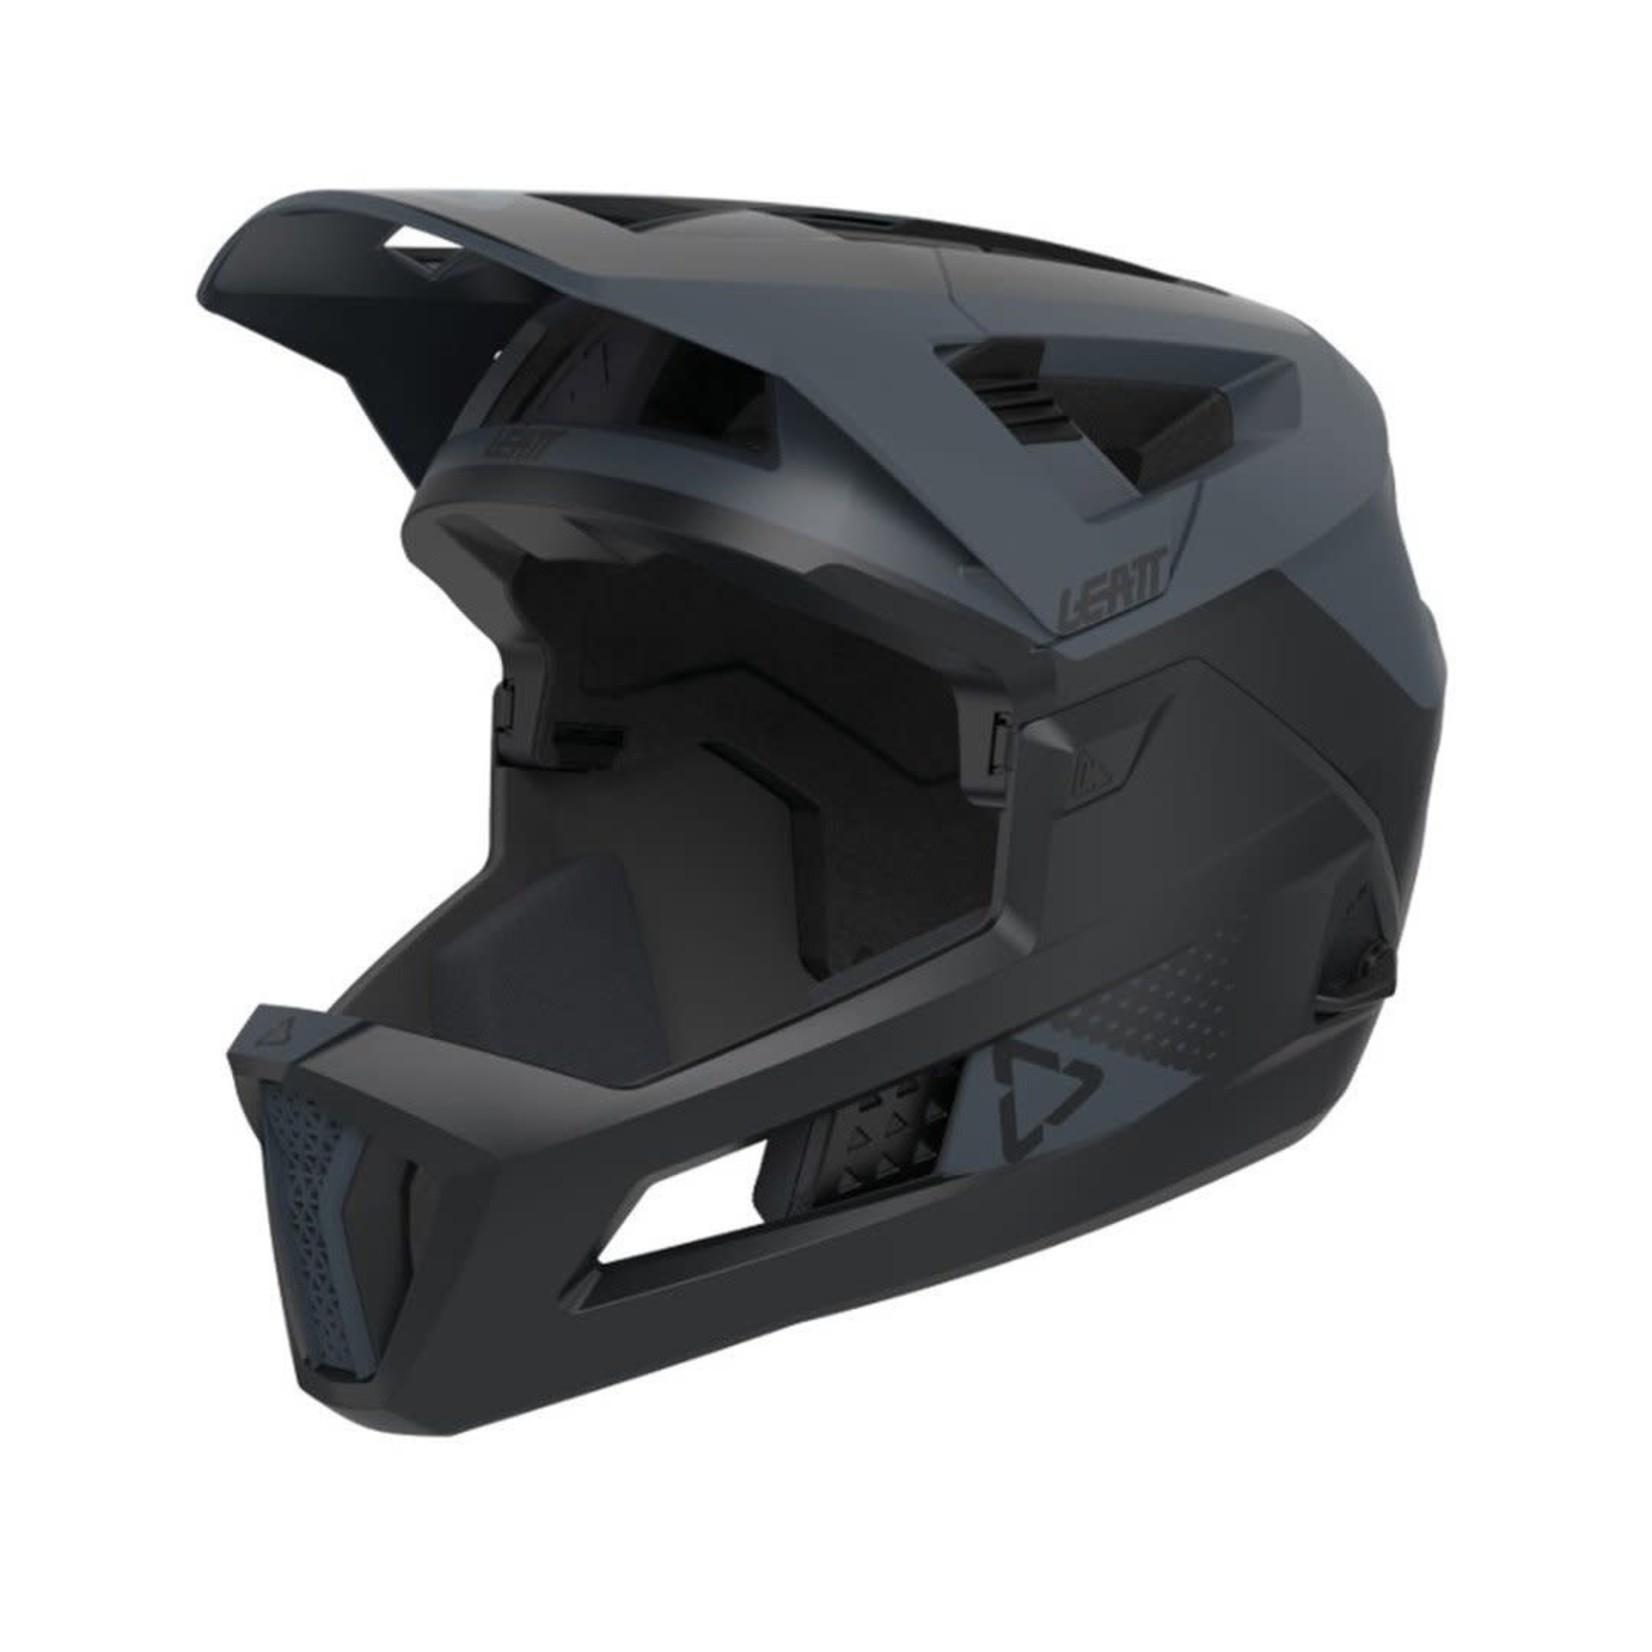 LEATT Leatt - Helme MTB 4.0 Enduro Nero